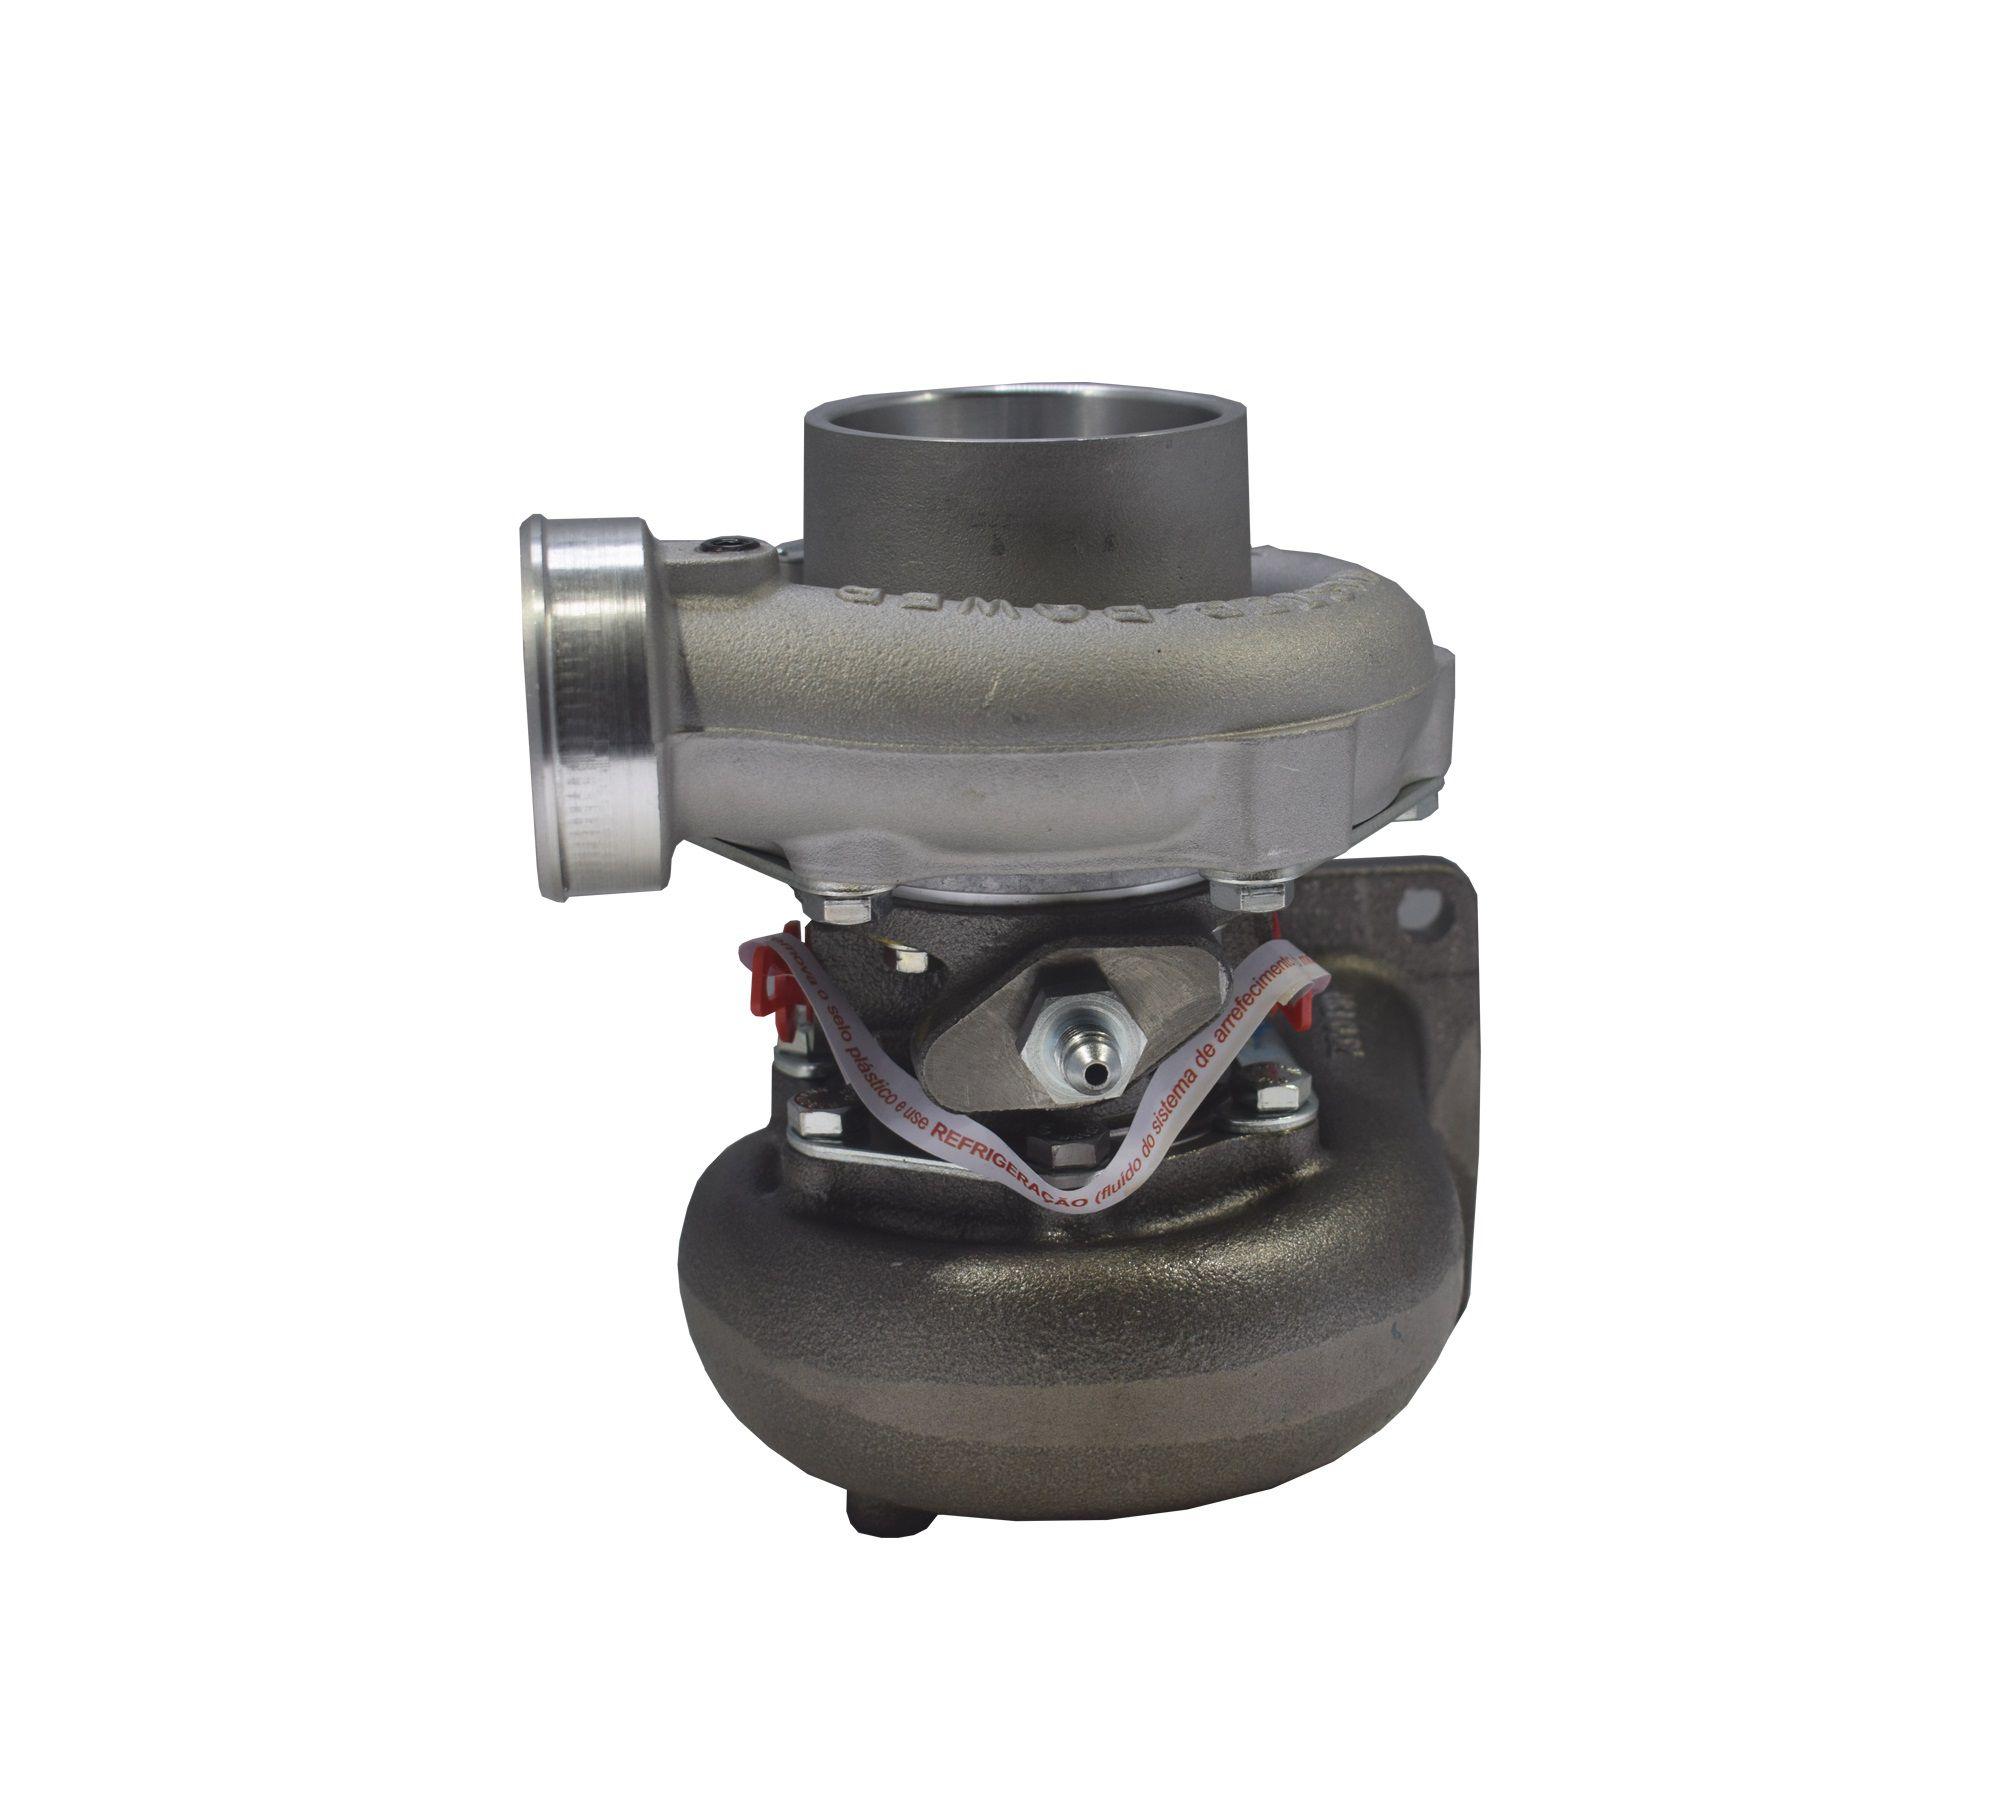 Turbina Roletada / Bearing Master Power - RB 4449 48. Mono